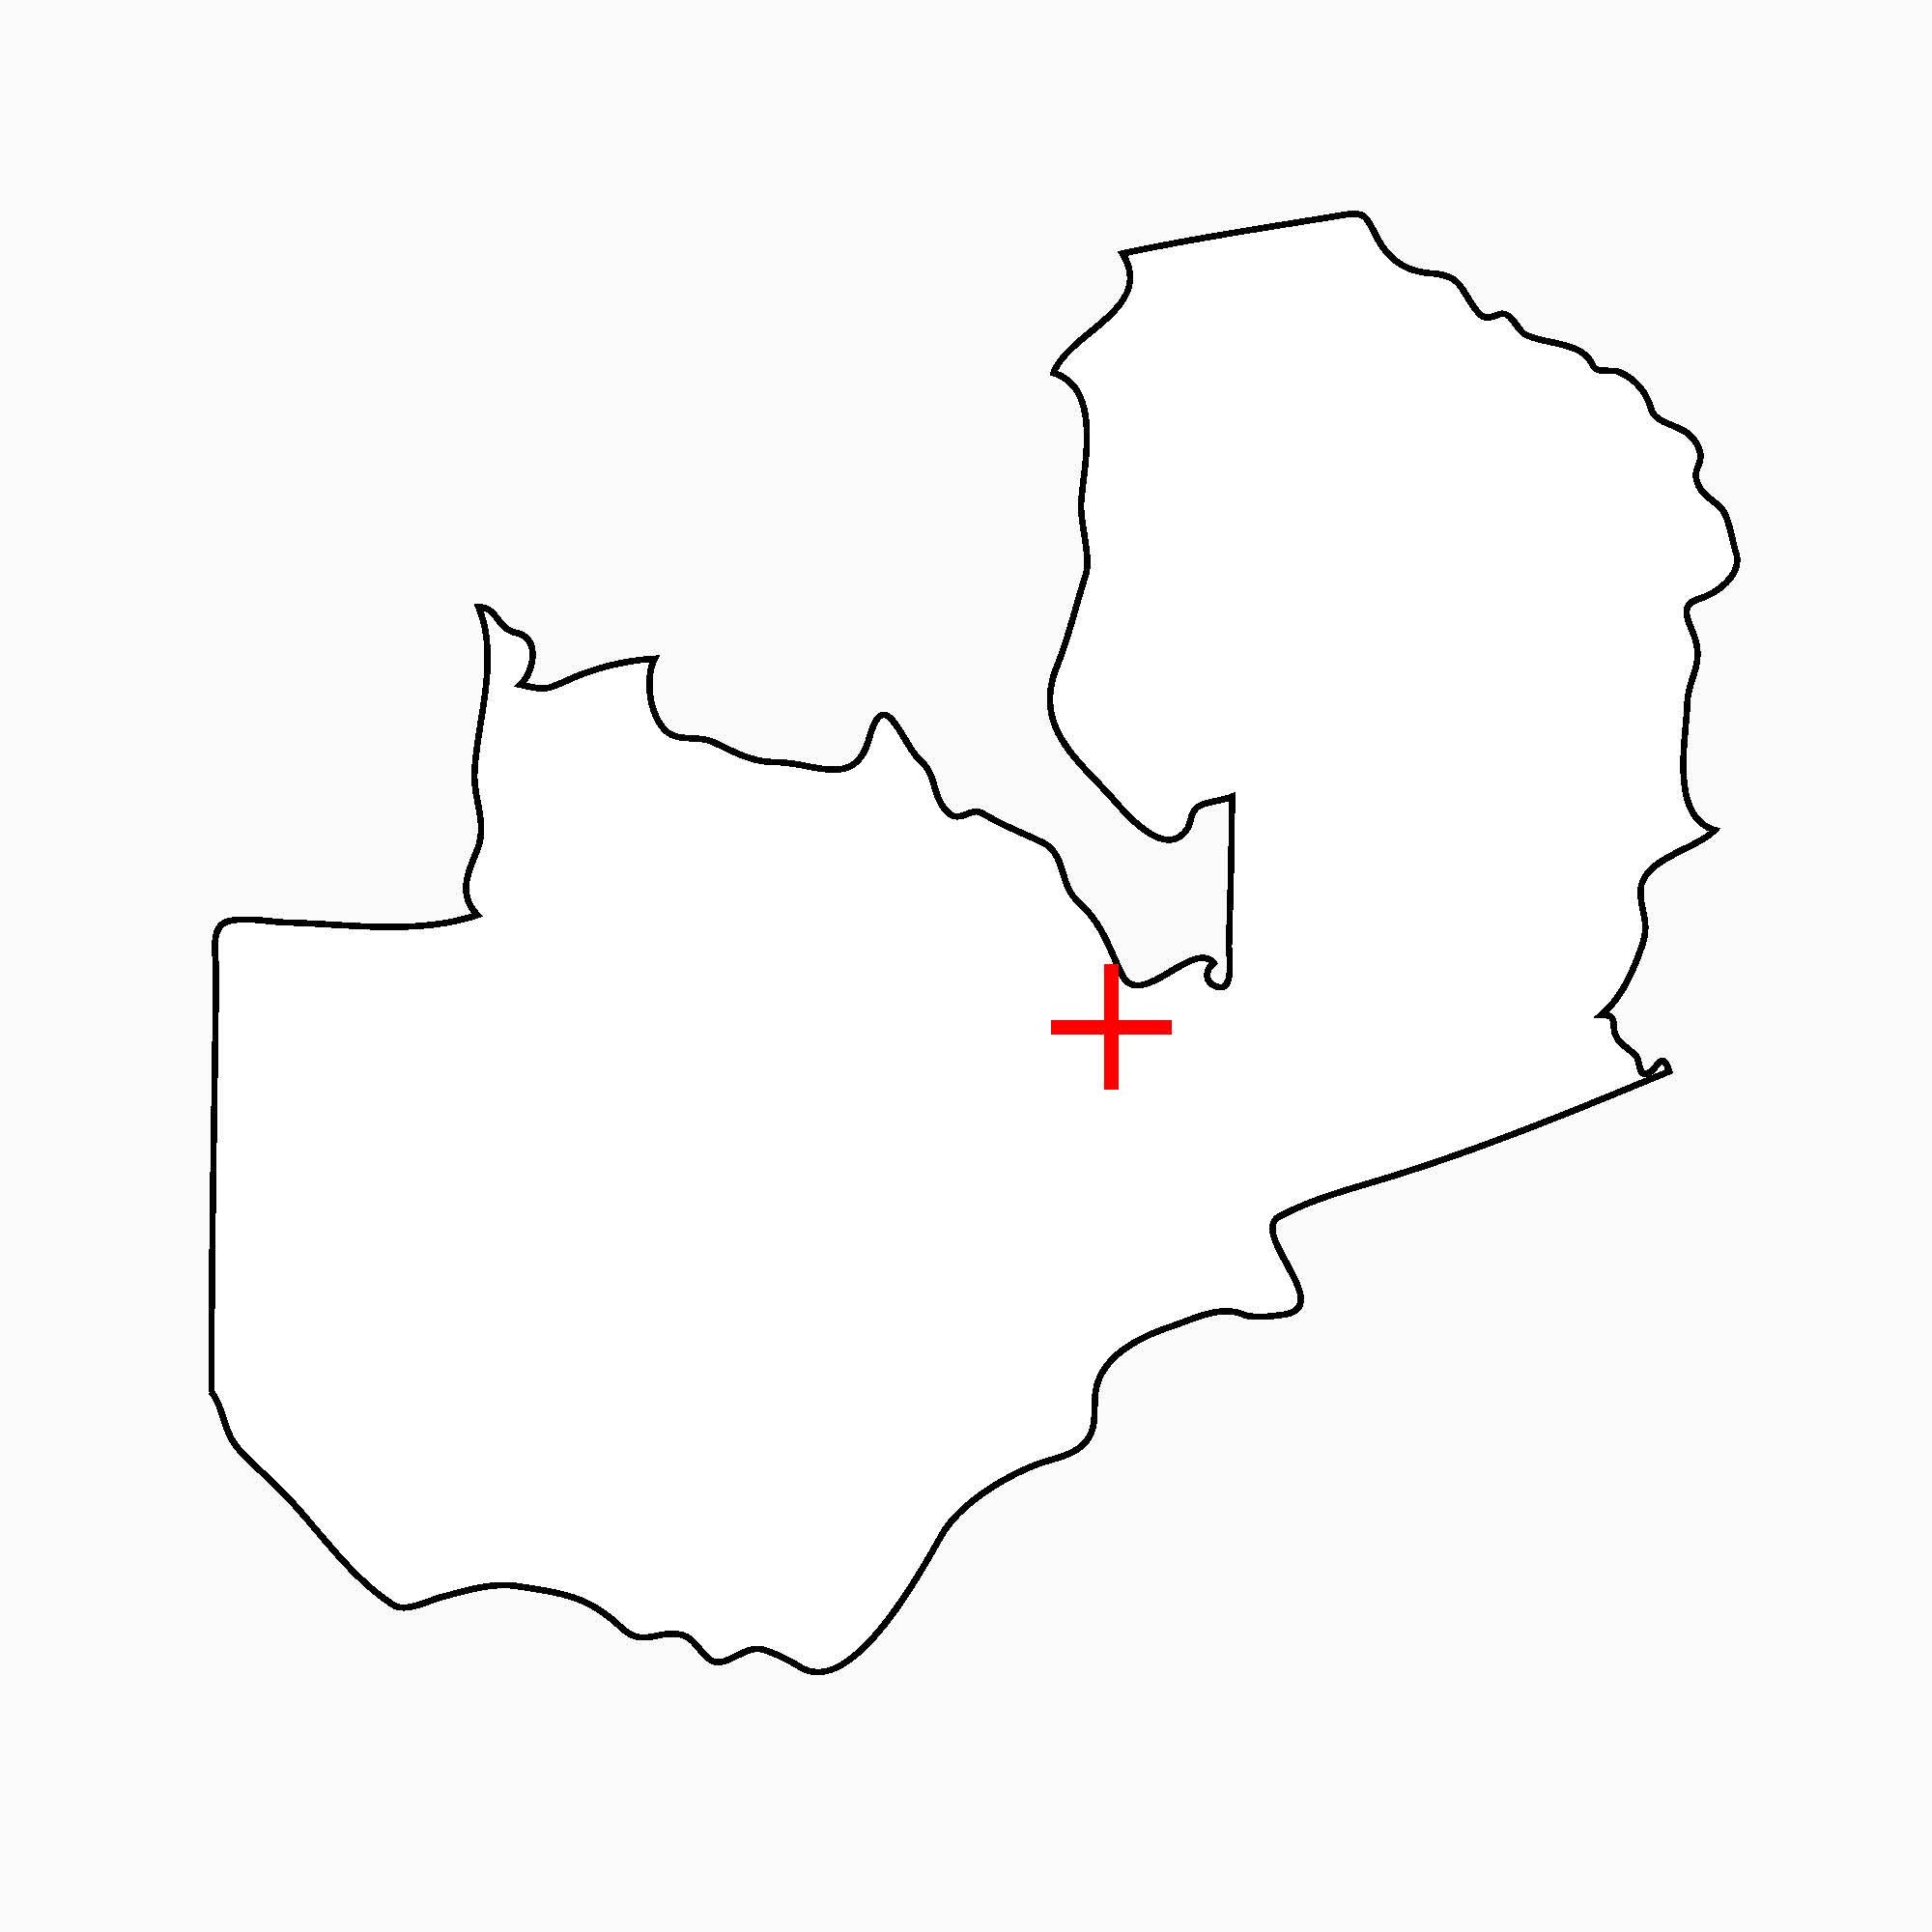 MUFULIRA, ZAMBIA - MAY 2010 - 30 Days